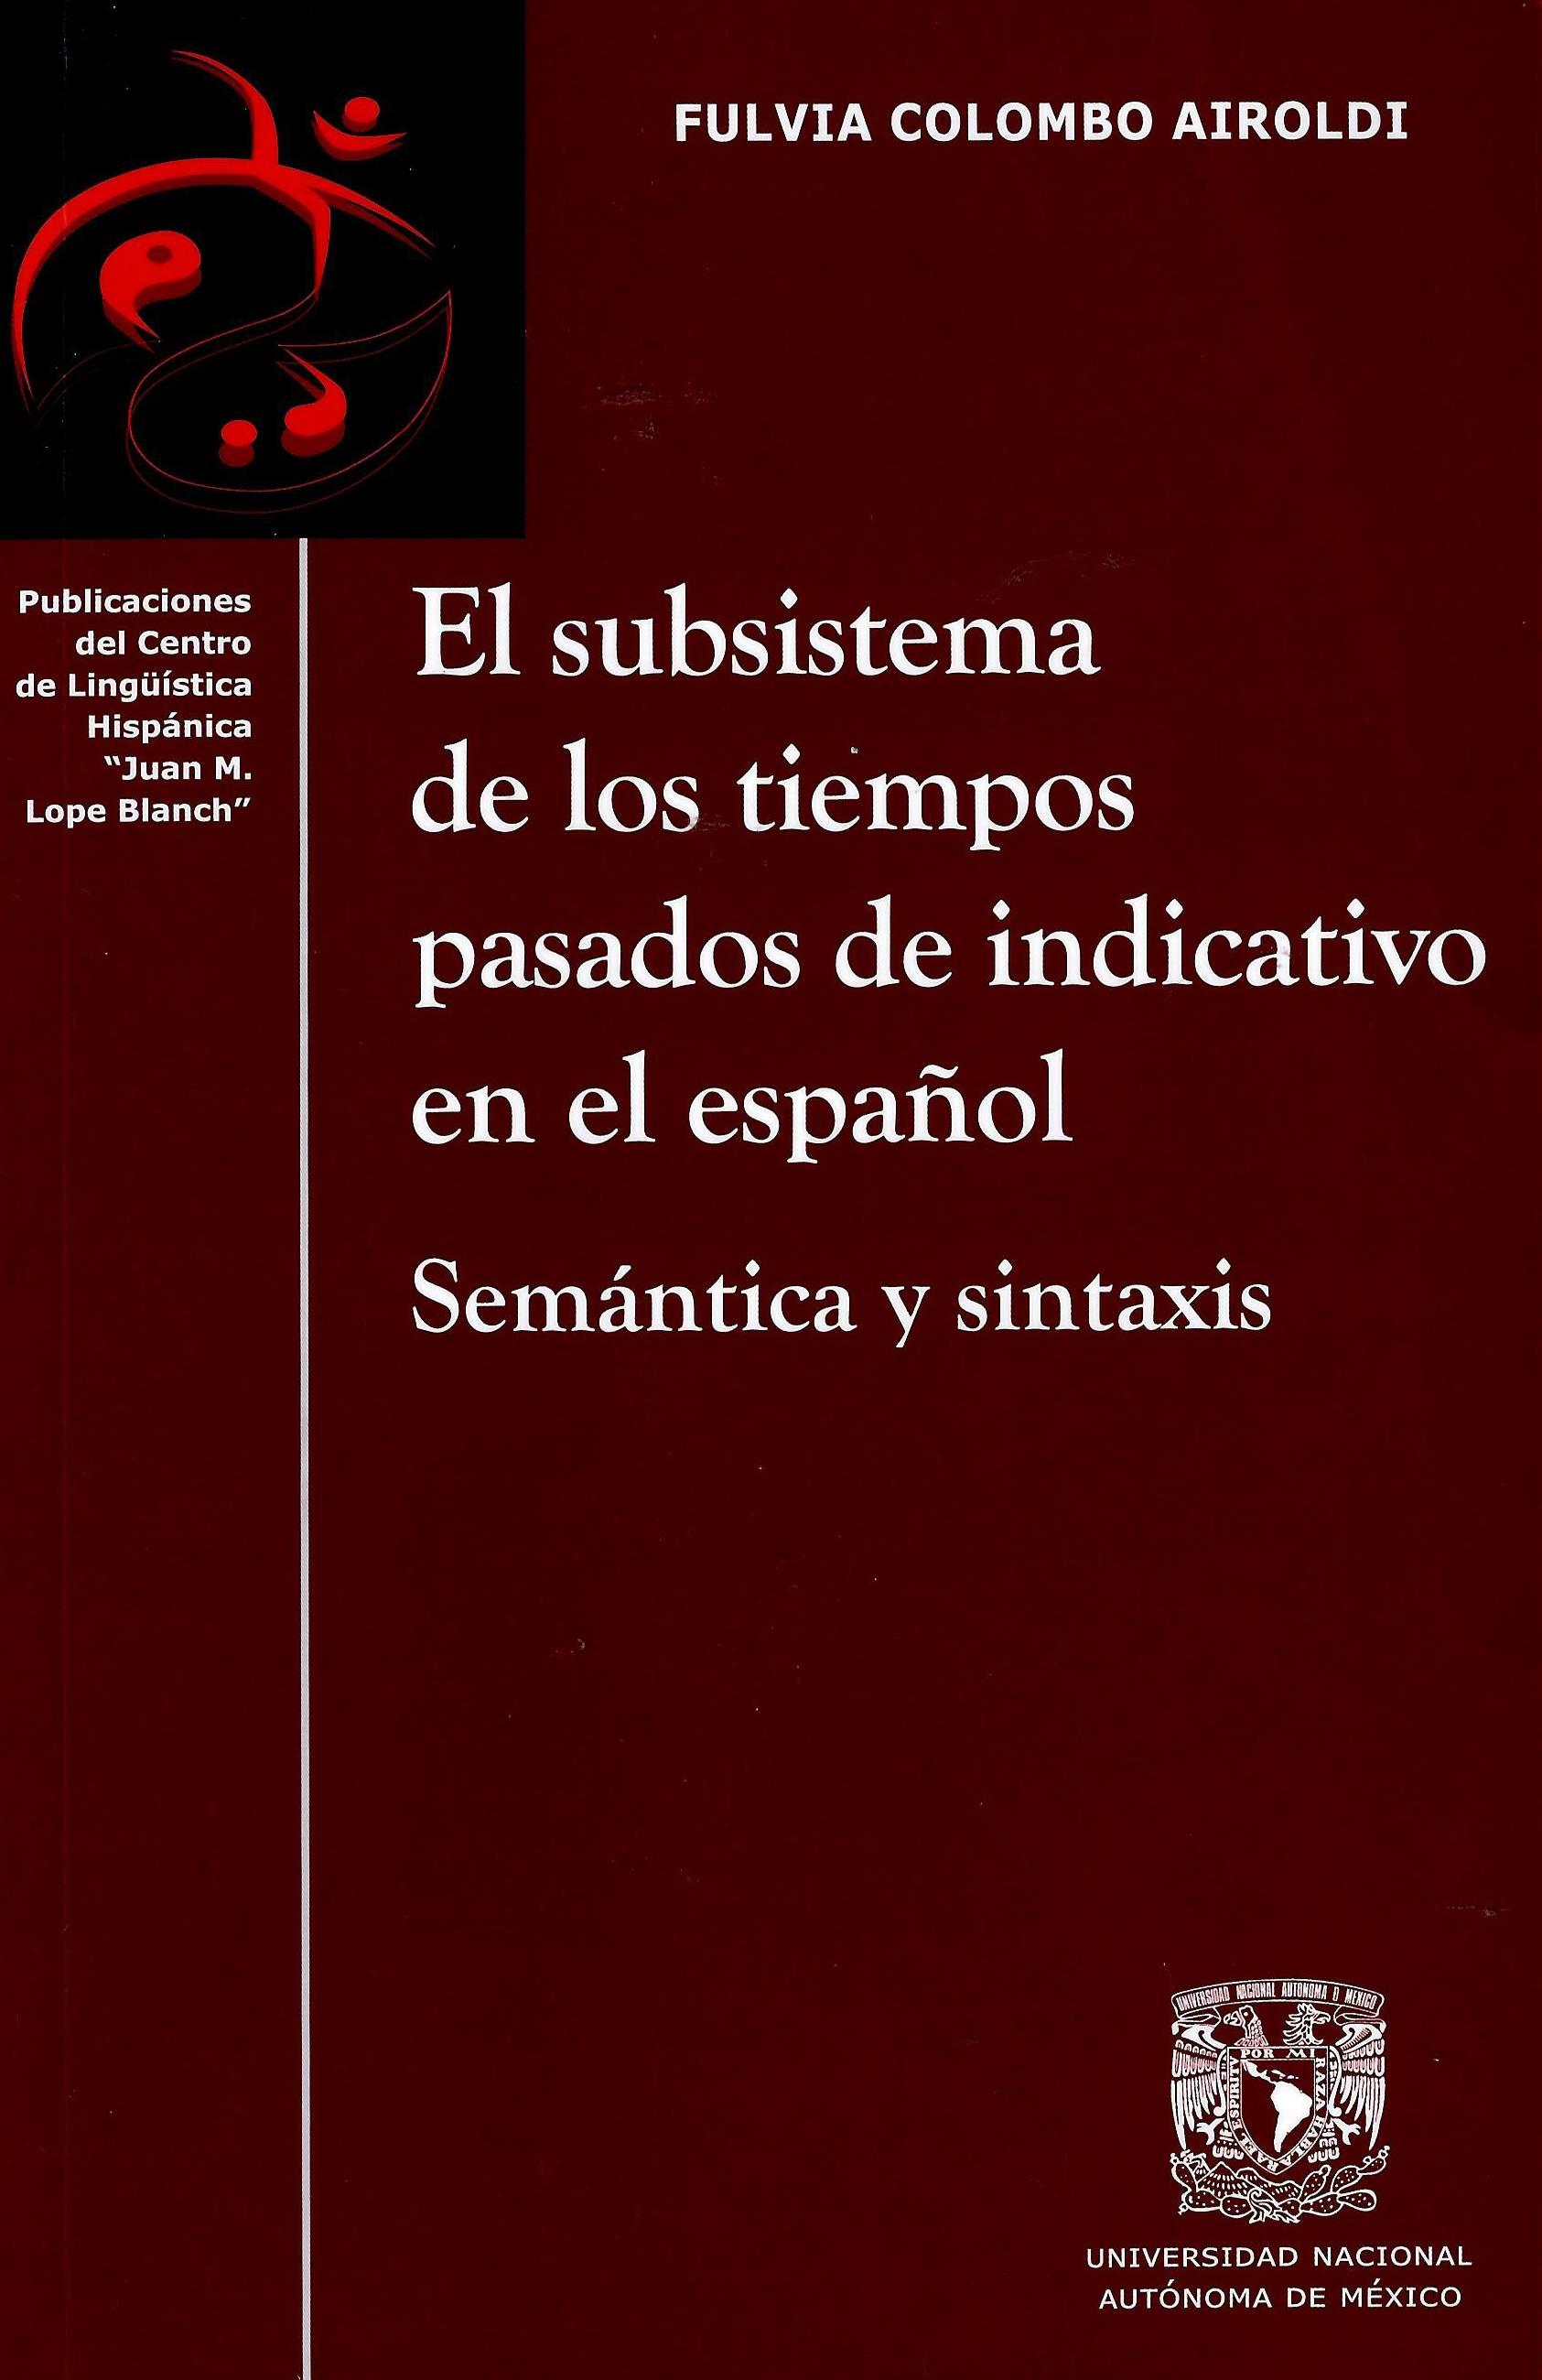 El subsistema de los tiempos pasados de indicativo en el español. Semántica y sintaxis